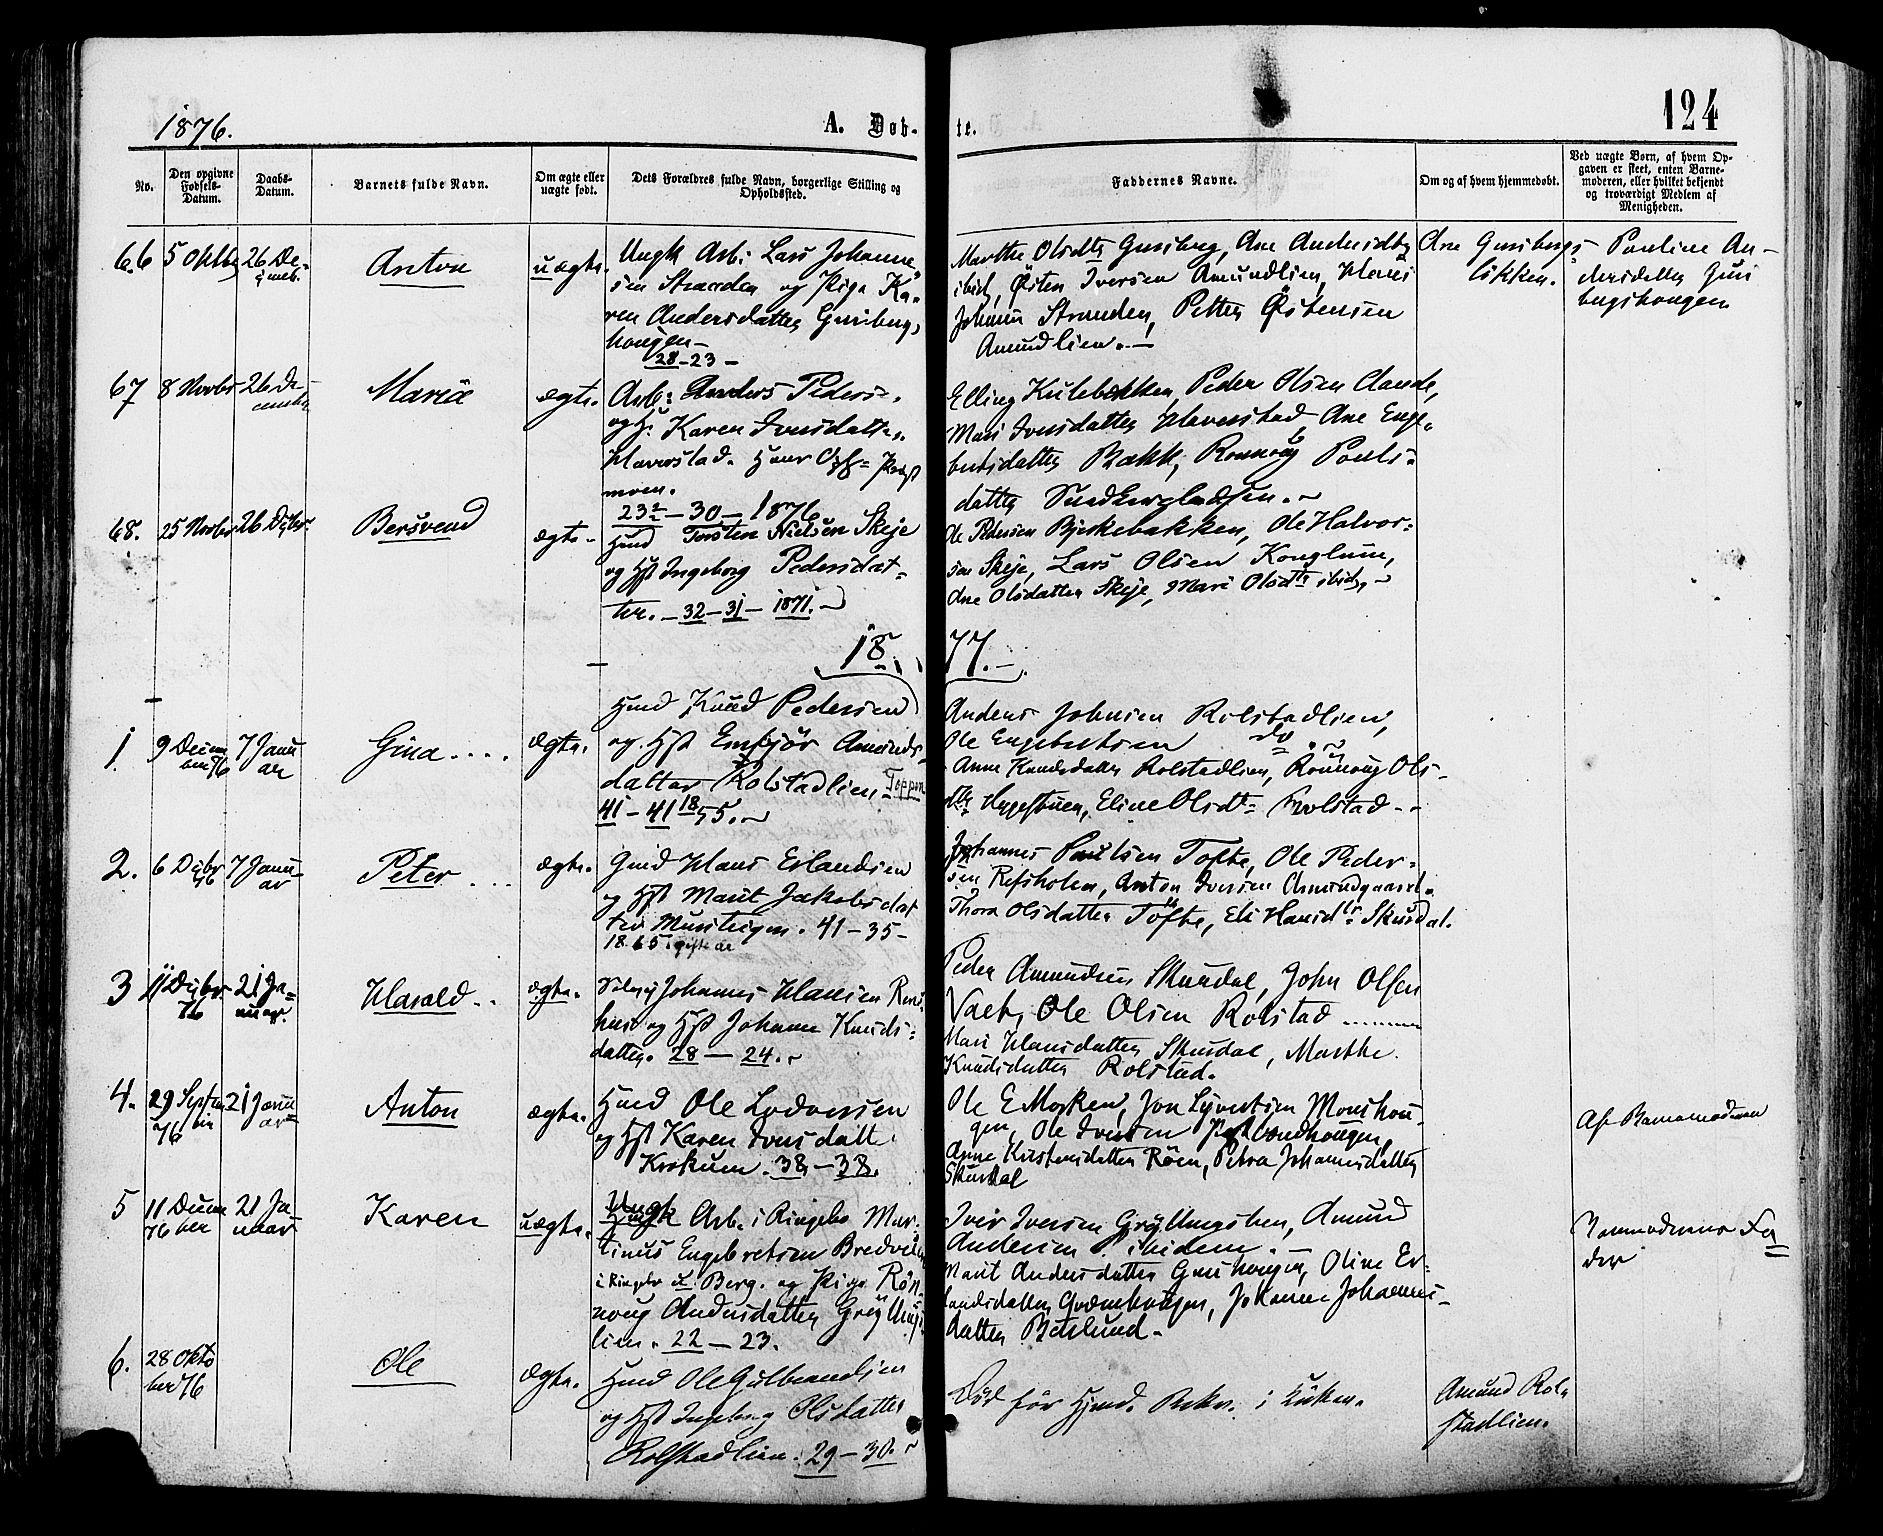 SAH, Sør-Fron prestekontor, H/Ha/Haa/L0002: Ministerialbok nr. 2, 1864-1880, s. 124